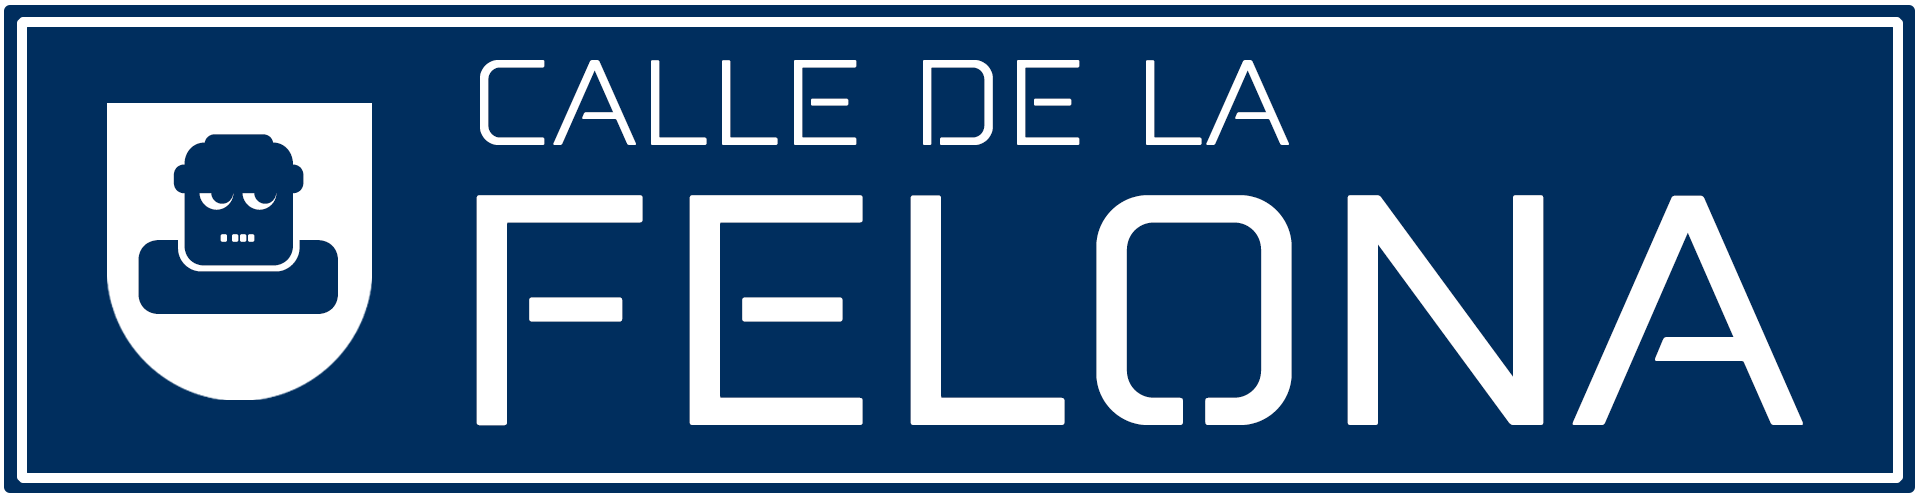 Felona st. Calle de la Felona st